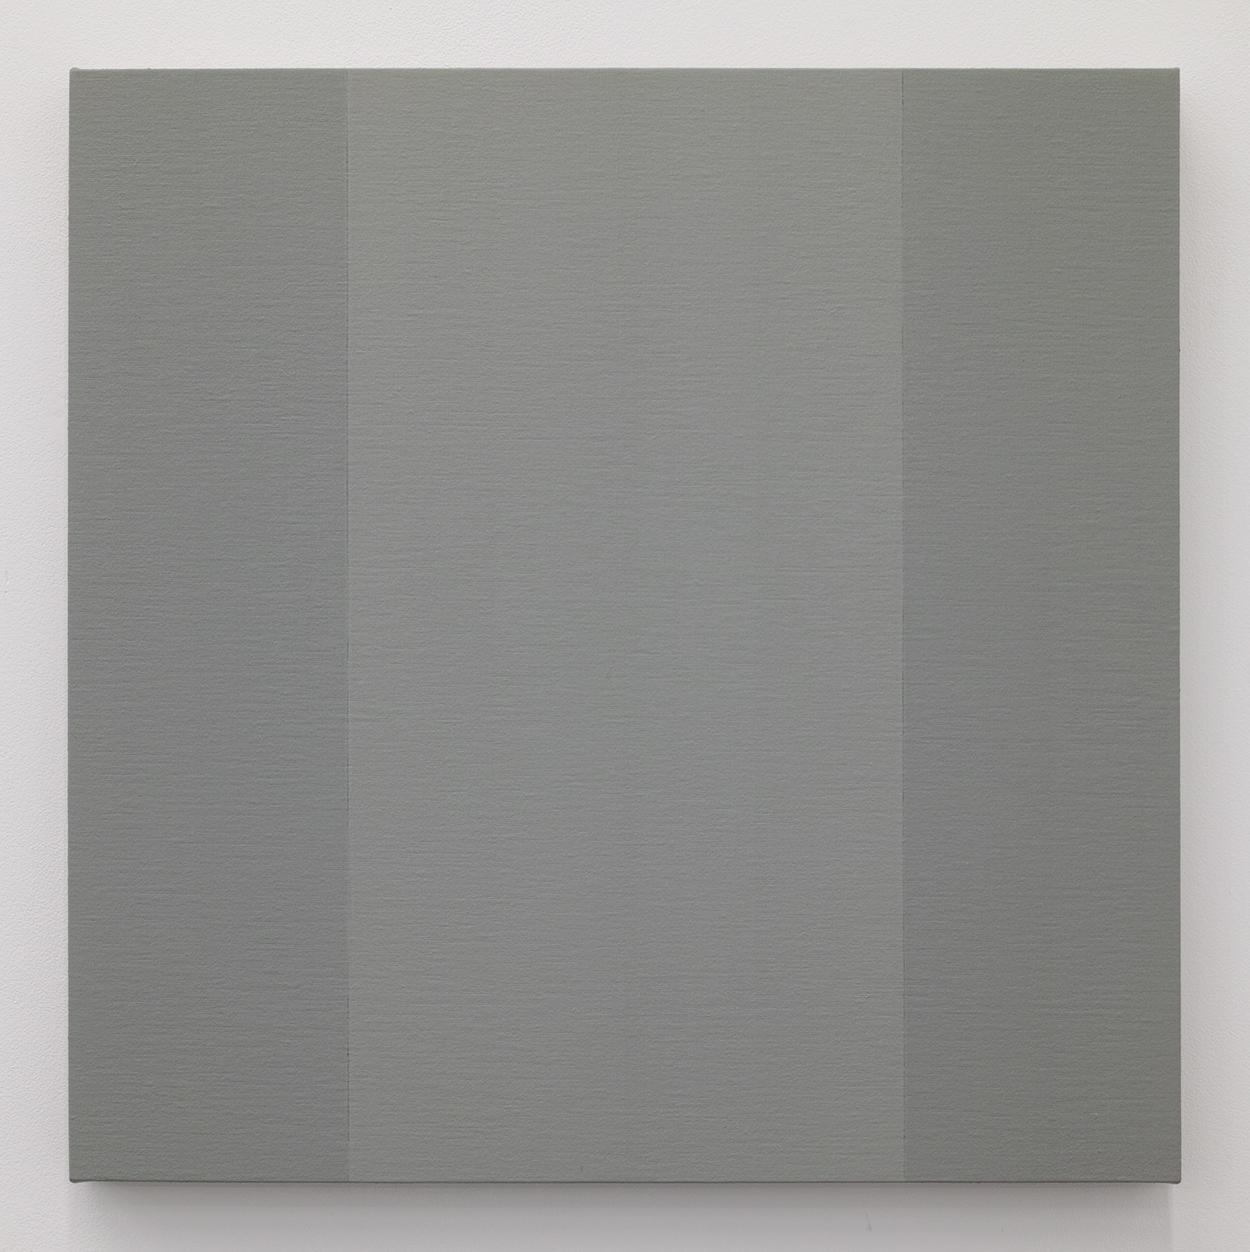 鈴木たかし|TAKSHI SUZUKI<br>TS0904|Gesso on panel|45 x 45 cm|2009